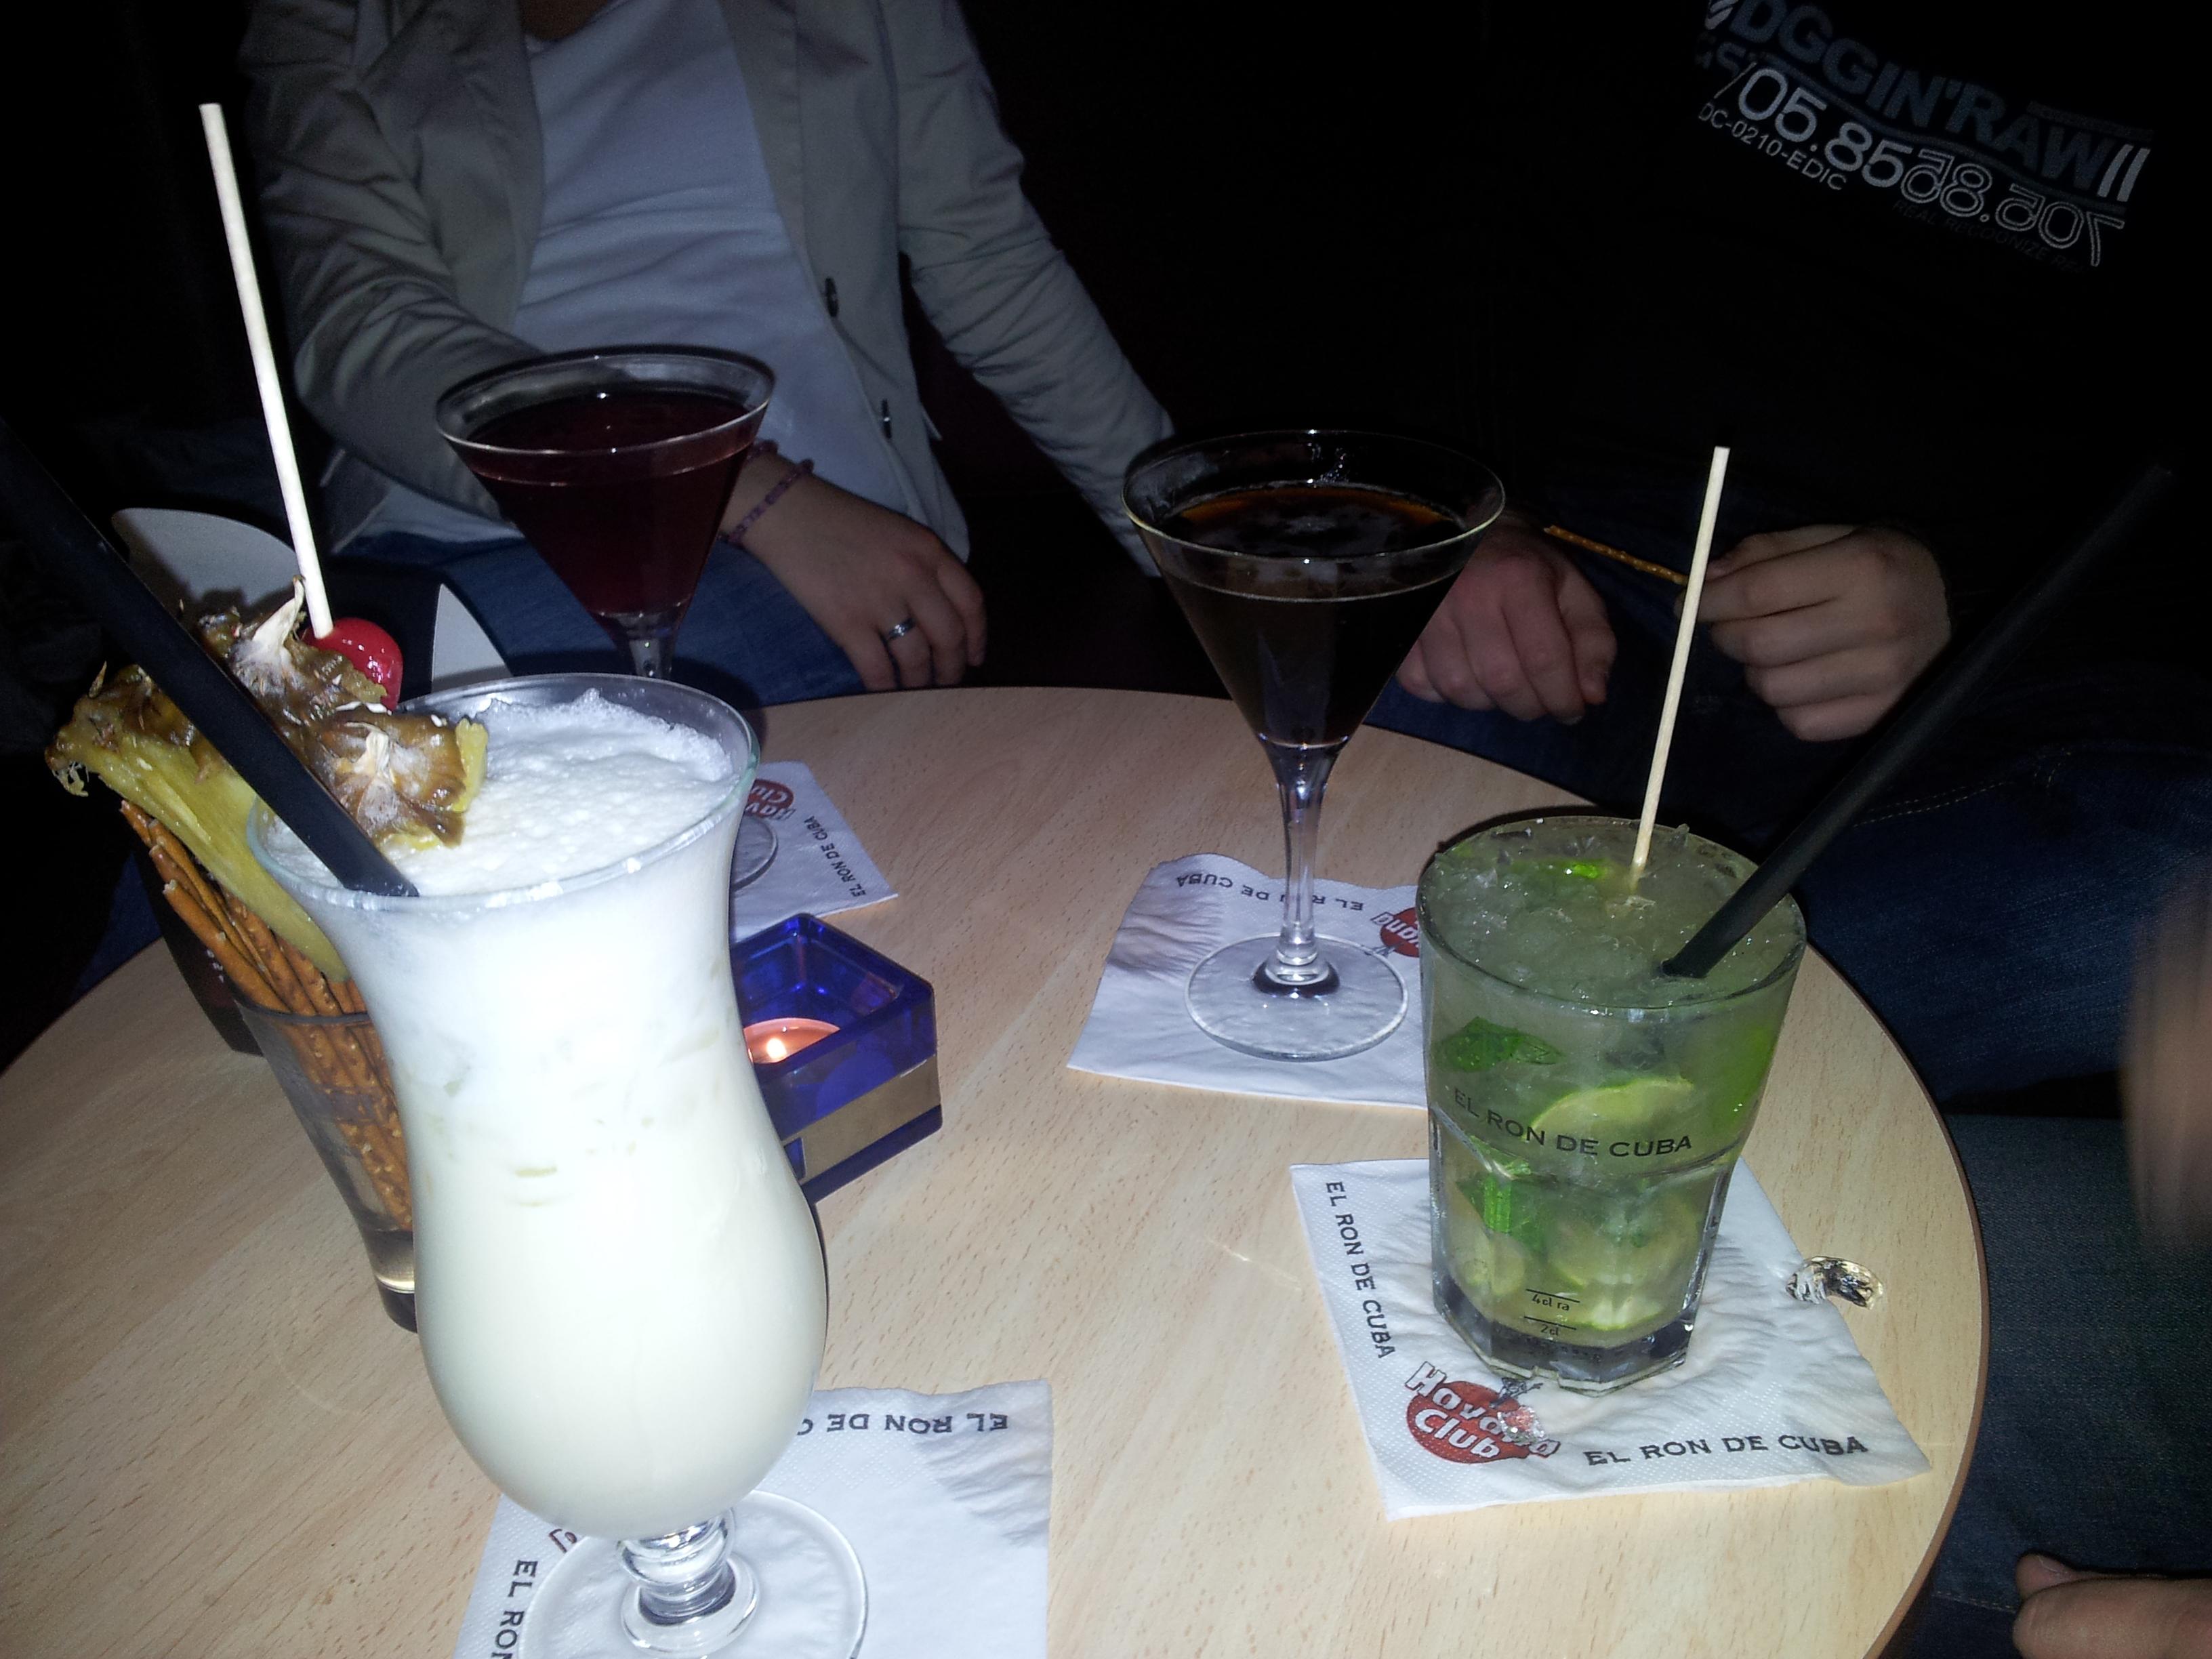 Heinrich Bar in Kiel – Mein Besuch vom 17.12.2011 | Kartoffelweg